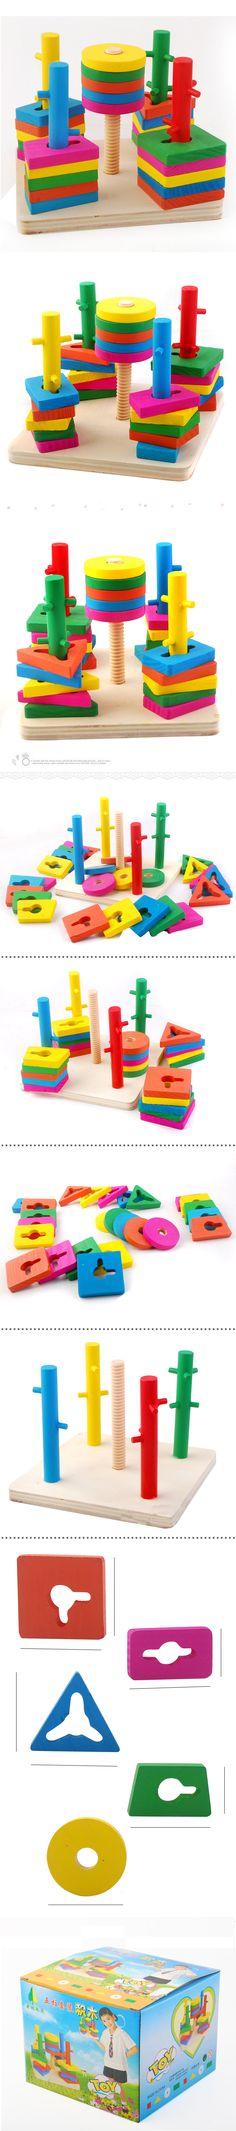 Varejo brinquedos infantis atacado 1pc Yakuchinone madeira coluna de brinquedo blocos de anéis forma de construção preço de fábrica rápido frete grátis em Blocos de Brinquedos & Lazer no AliExpress.com | Alibaba Group